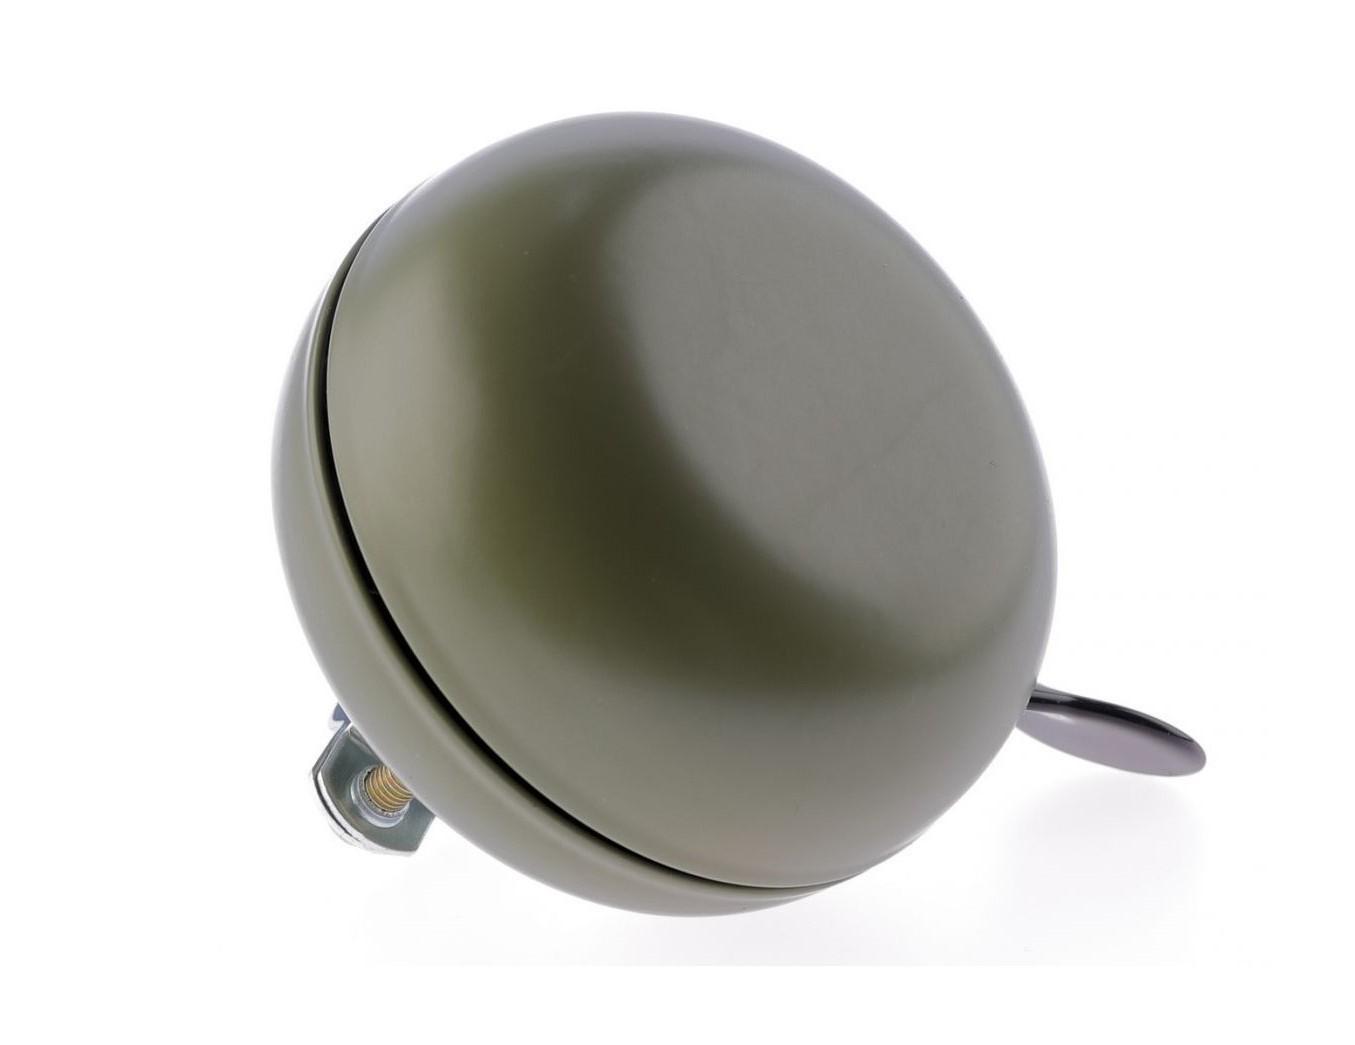 Niet Verkeerd Bel Ding-Dong 80 mm groen